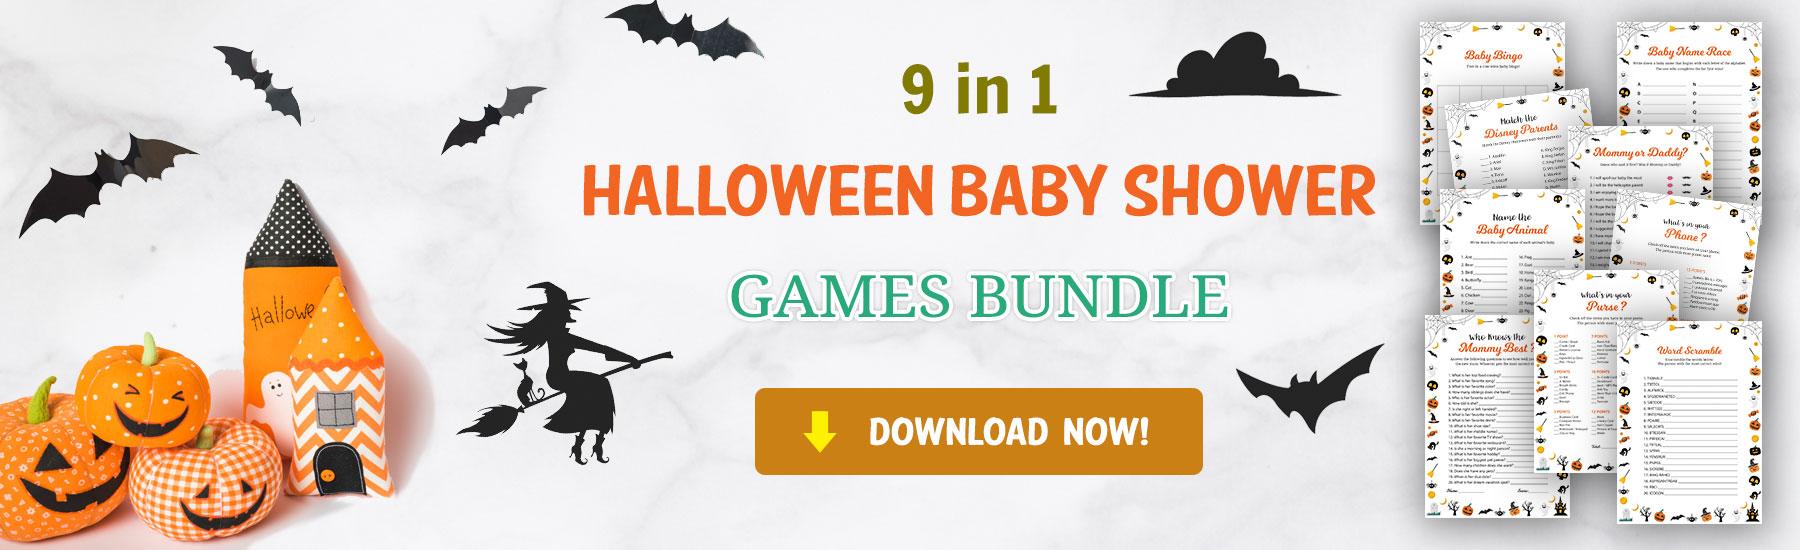 download halloween baby shower games bundle